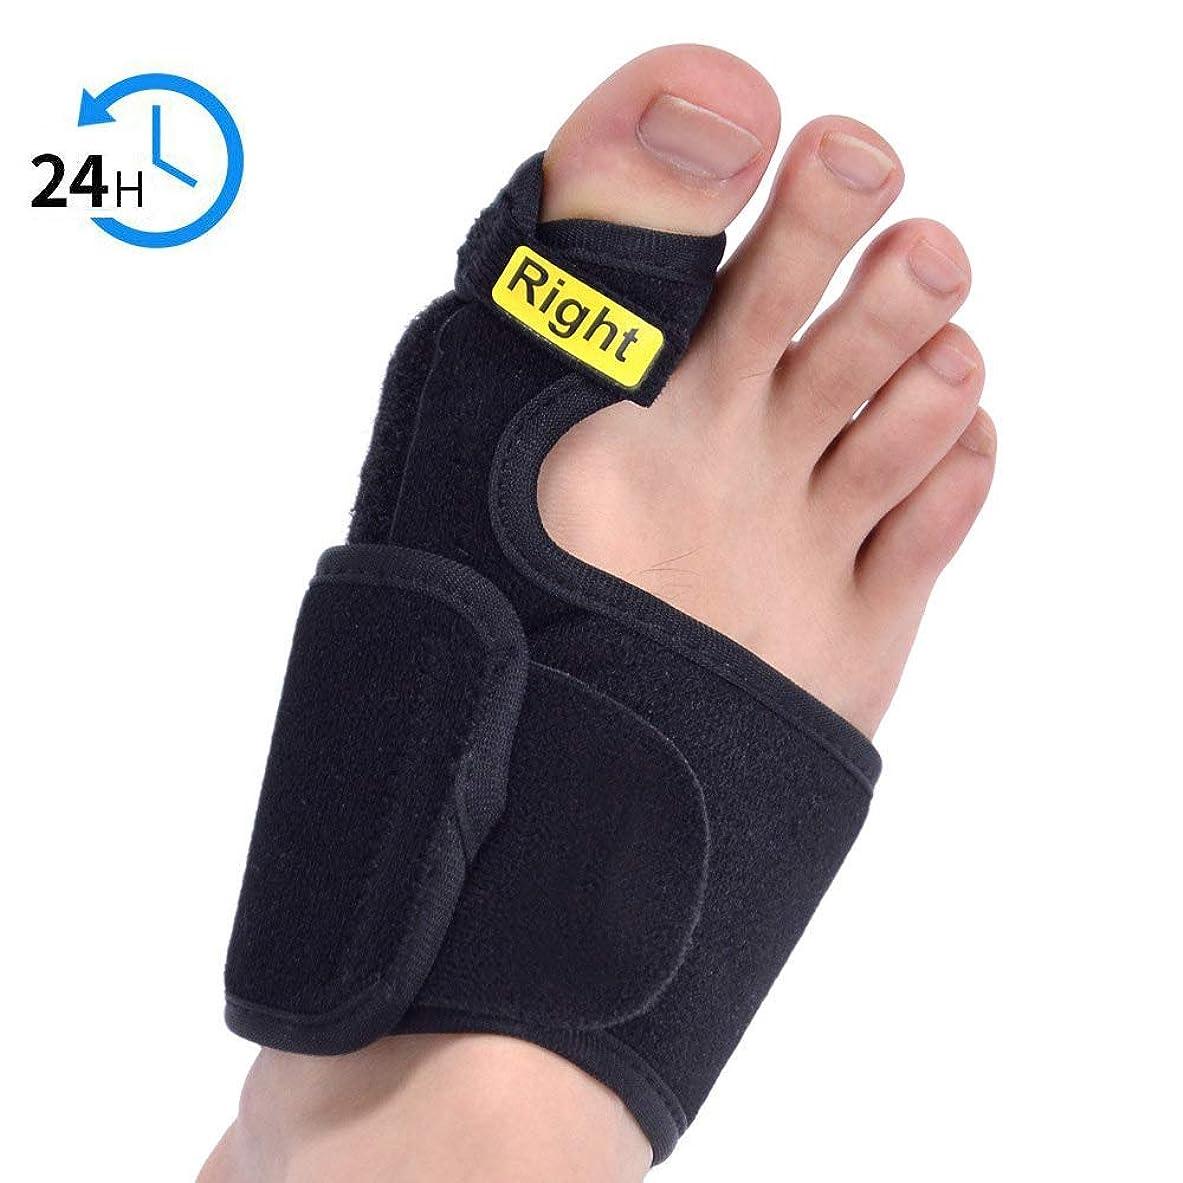 結核バイソンエレベーター外反母趾矯正セット、外反母趾の昼間および夜間包帯つま先のを調整可能なショルダーストラップで疼痛1ペアを和らげる